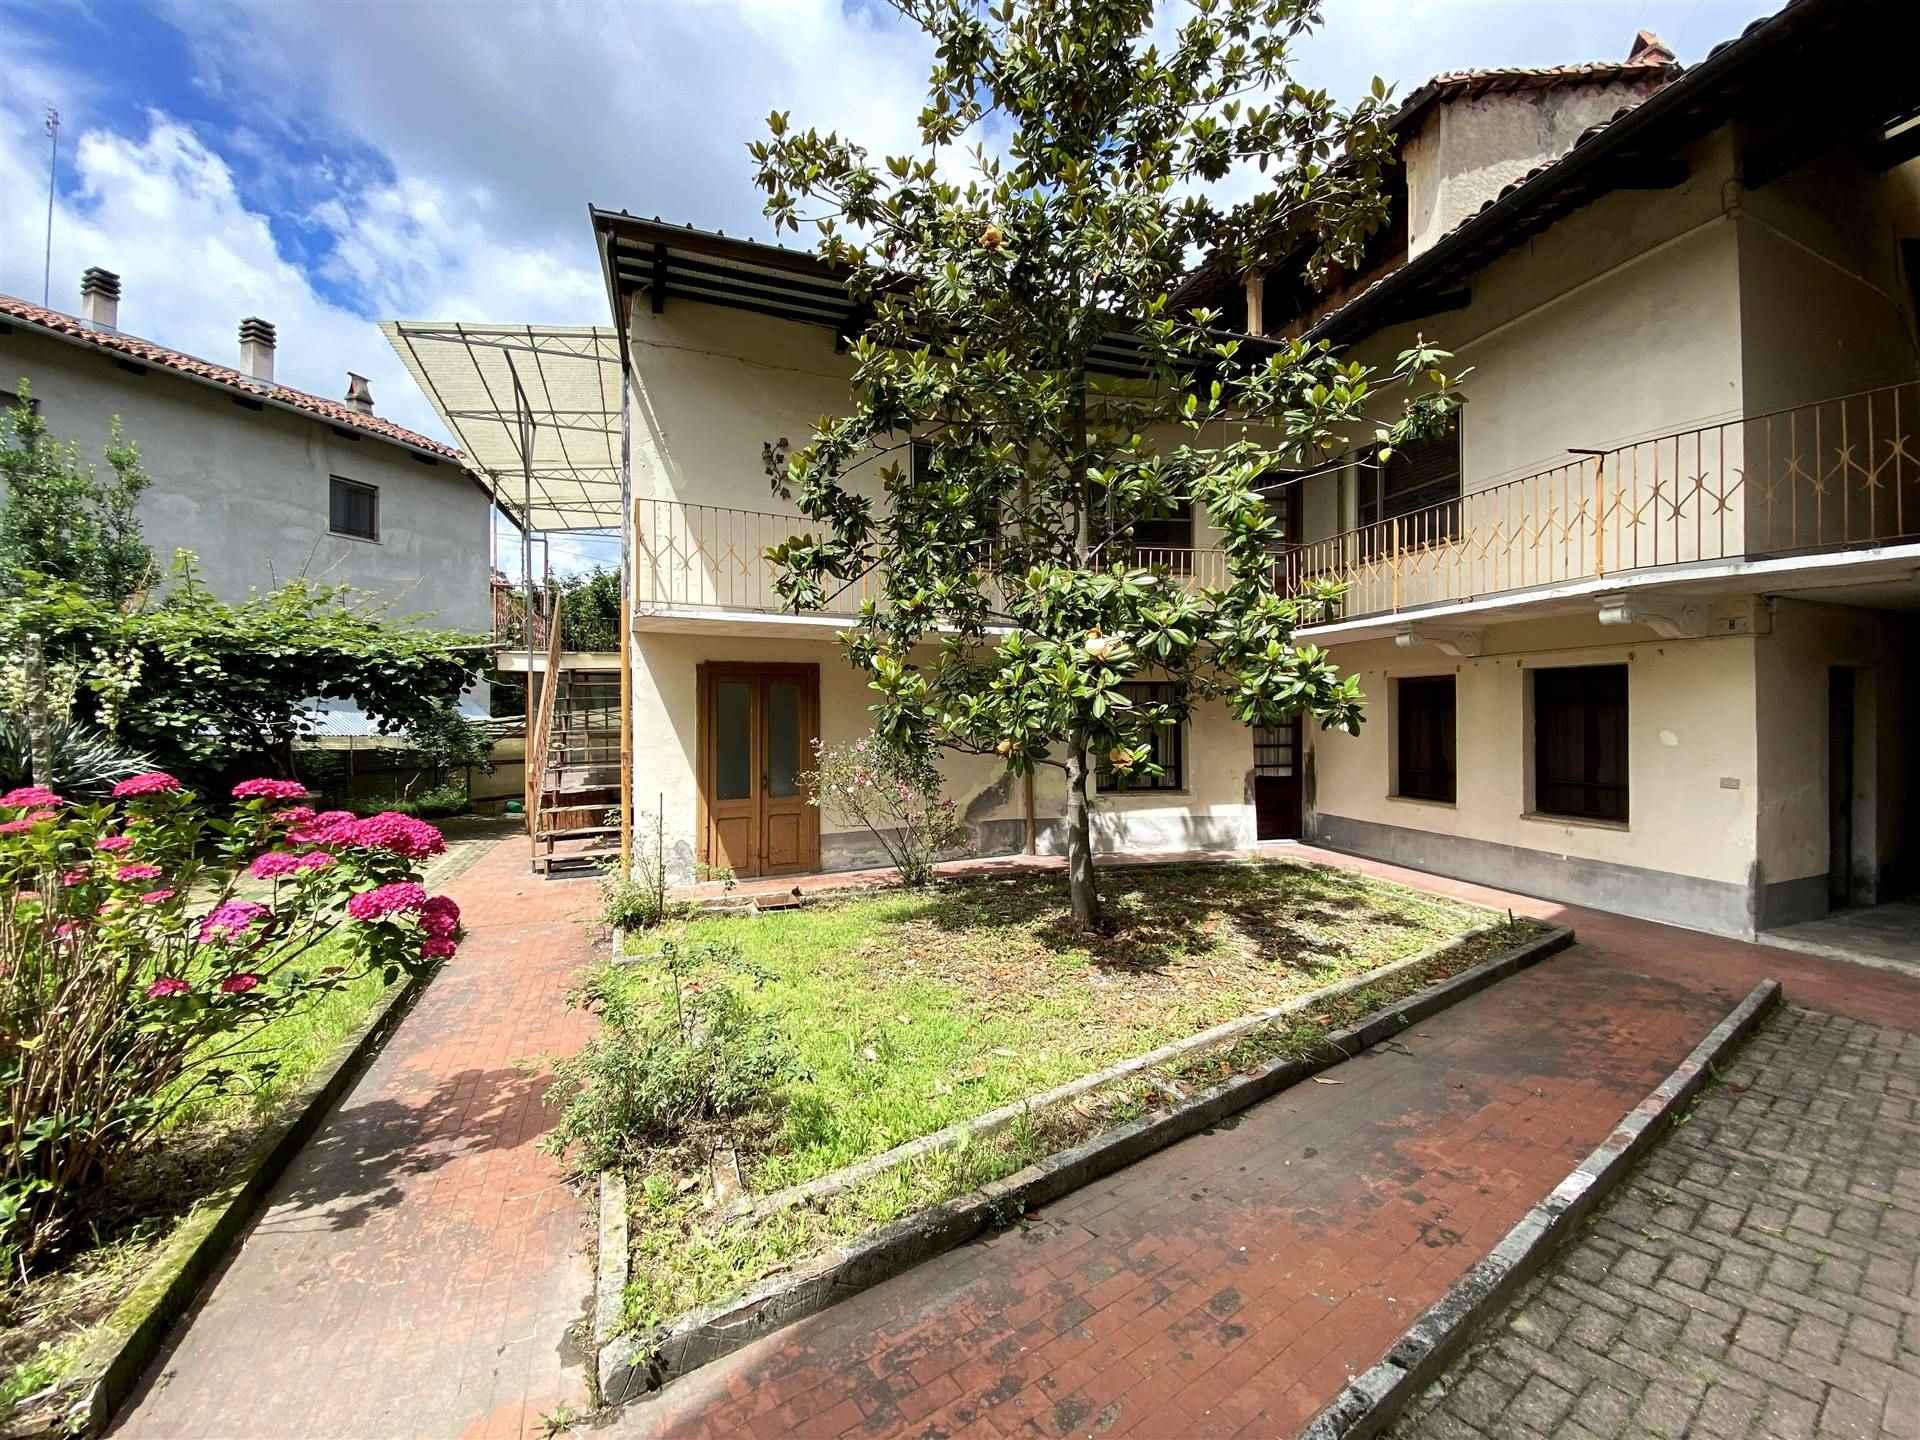 Soluzione Semindipendente in vendita a Chiaverano, 6 locali, prezzo € 67.000 | PortaleAgenzieImmobiliari.it